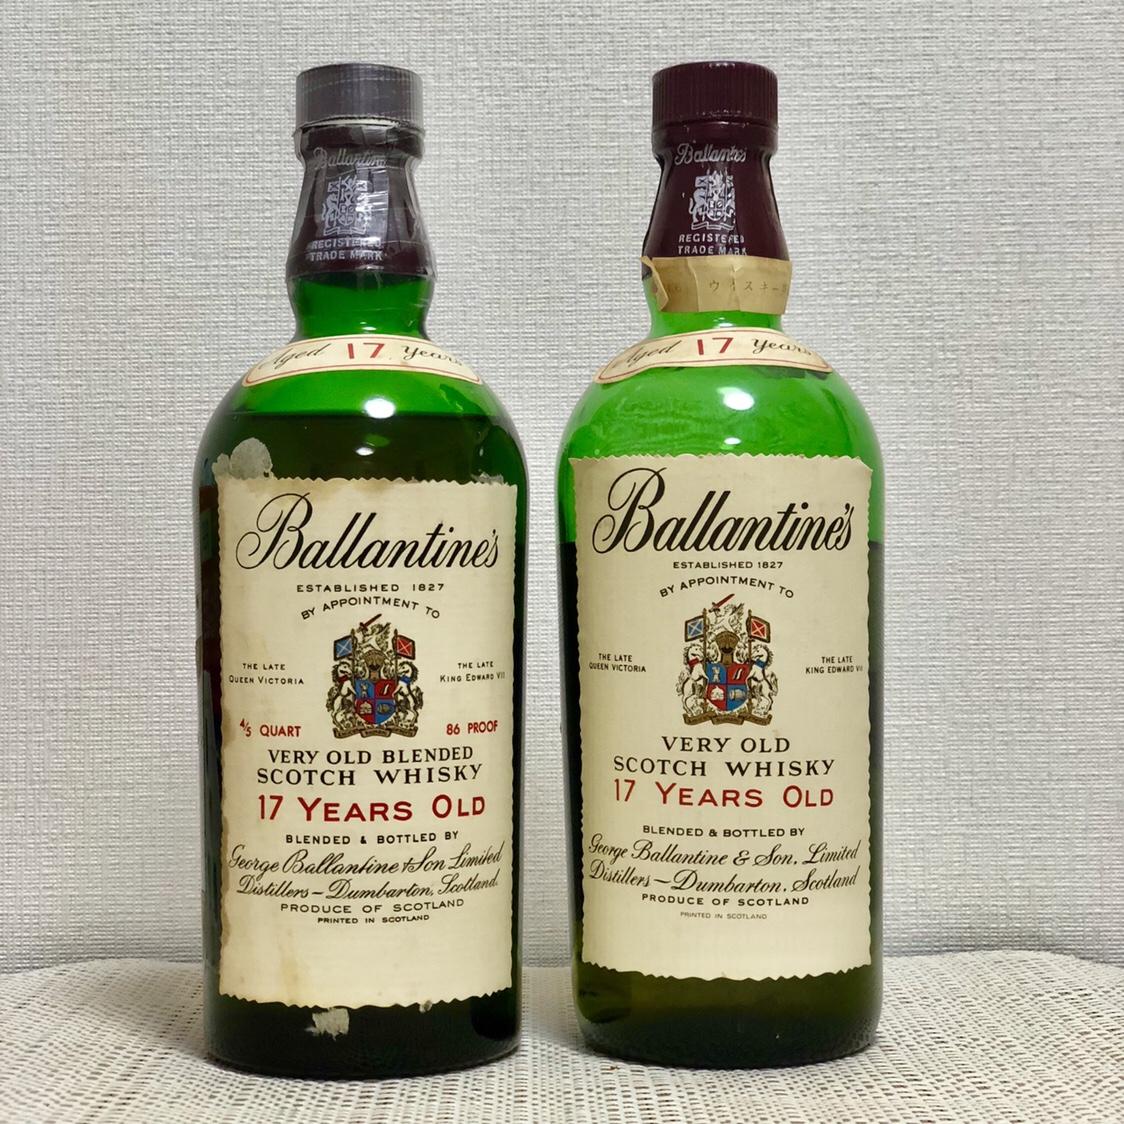 写真は1970年代流通ボトル。右が日本、左がアメリカ回り。